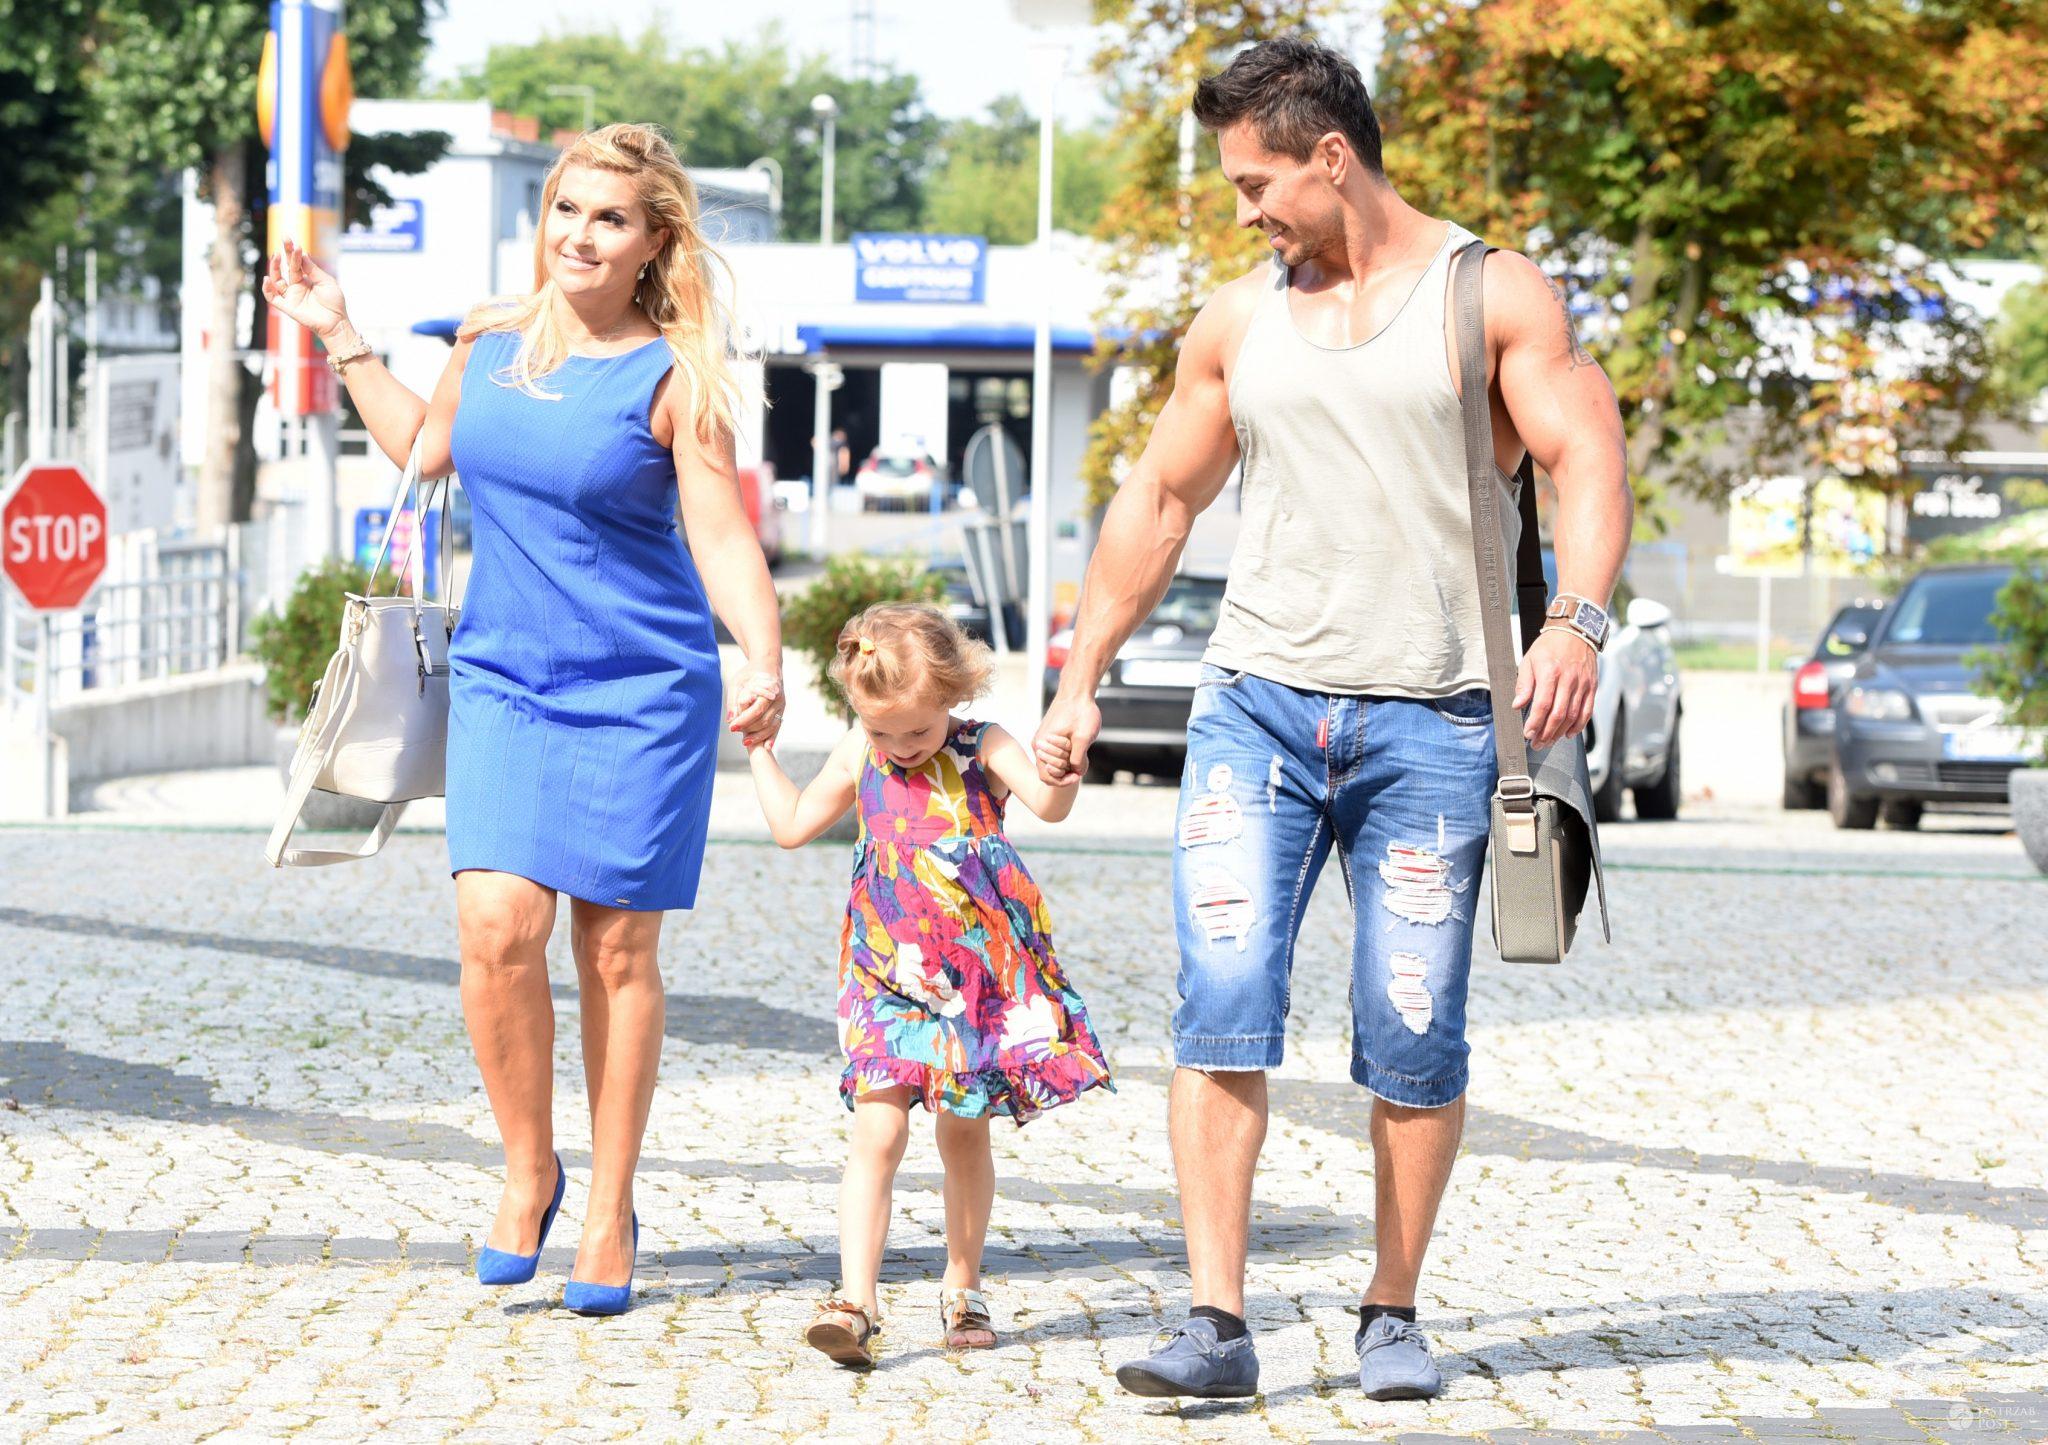 Zdjęcia paparazzi Katarzyny Skrzyneckiej z rodziną